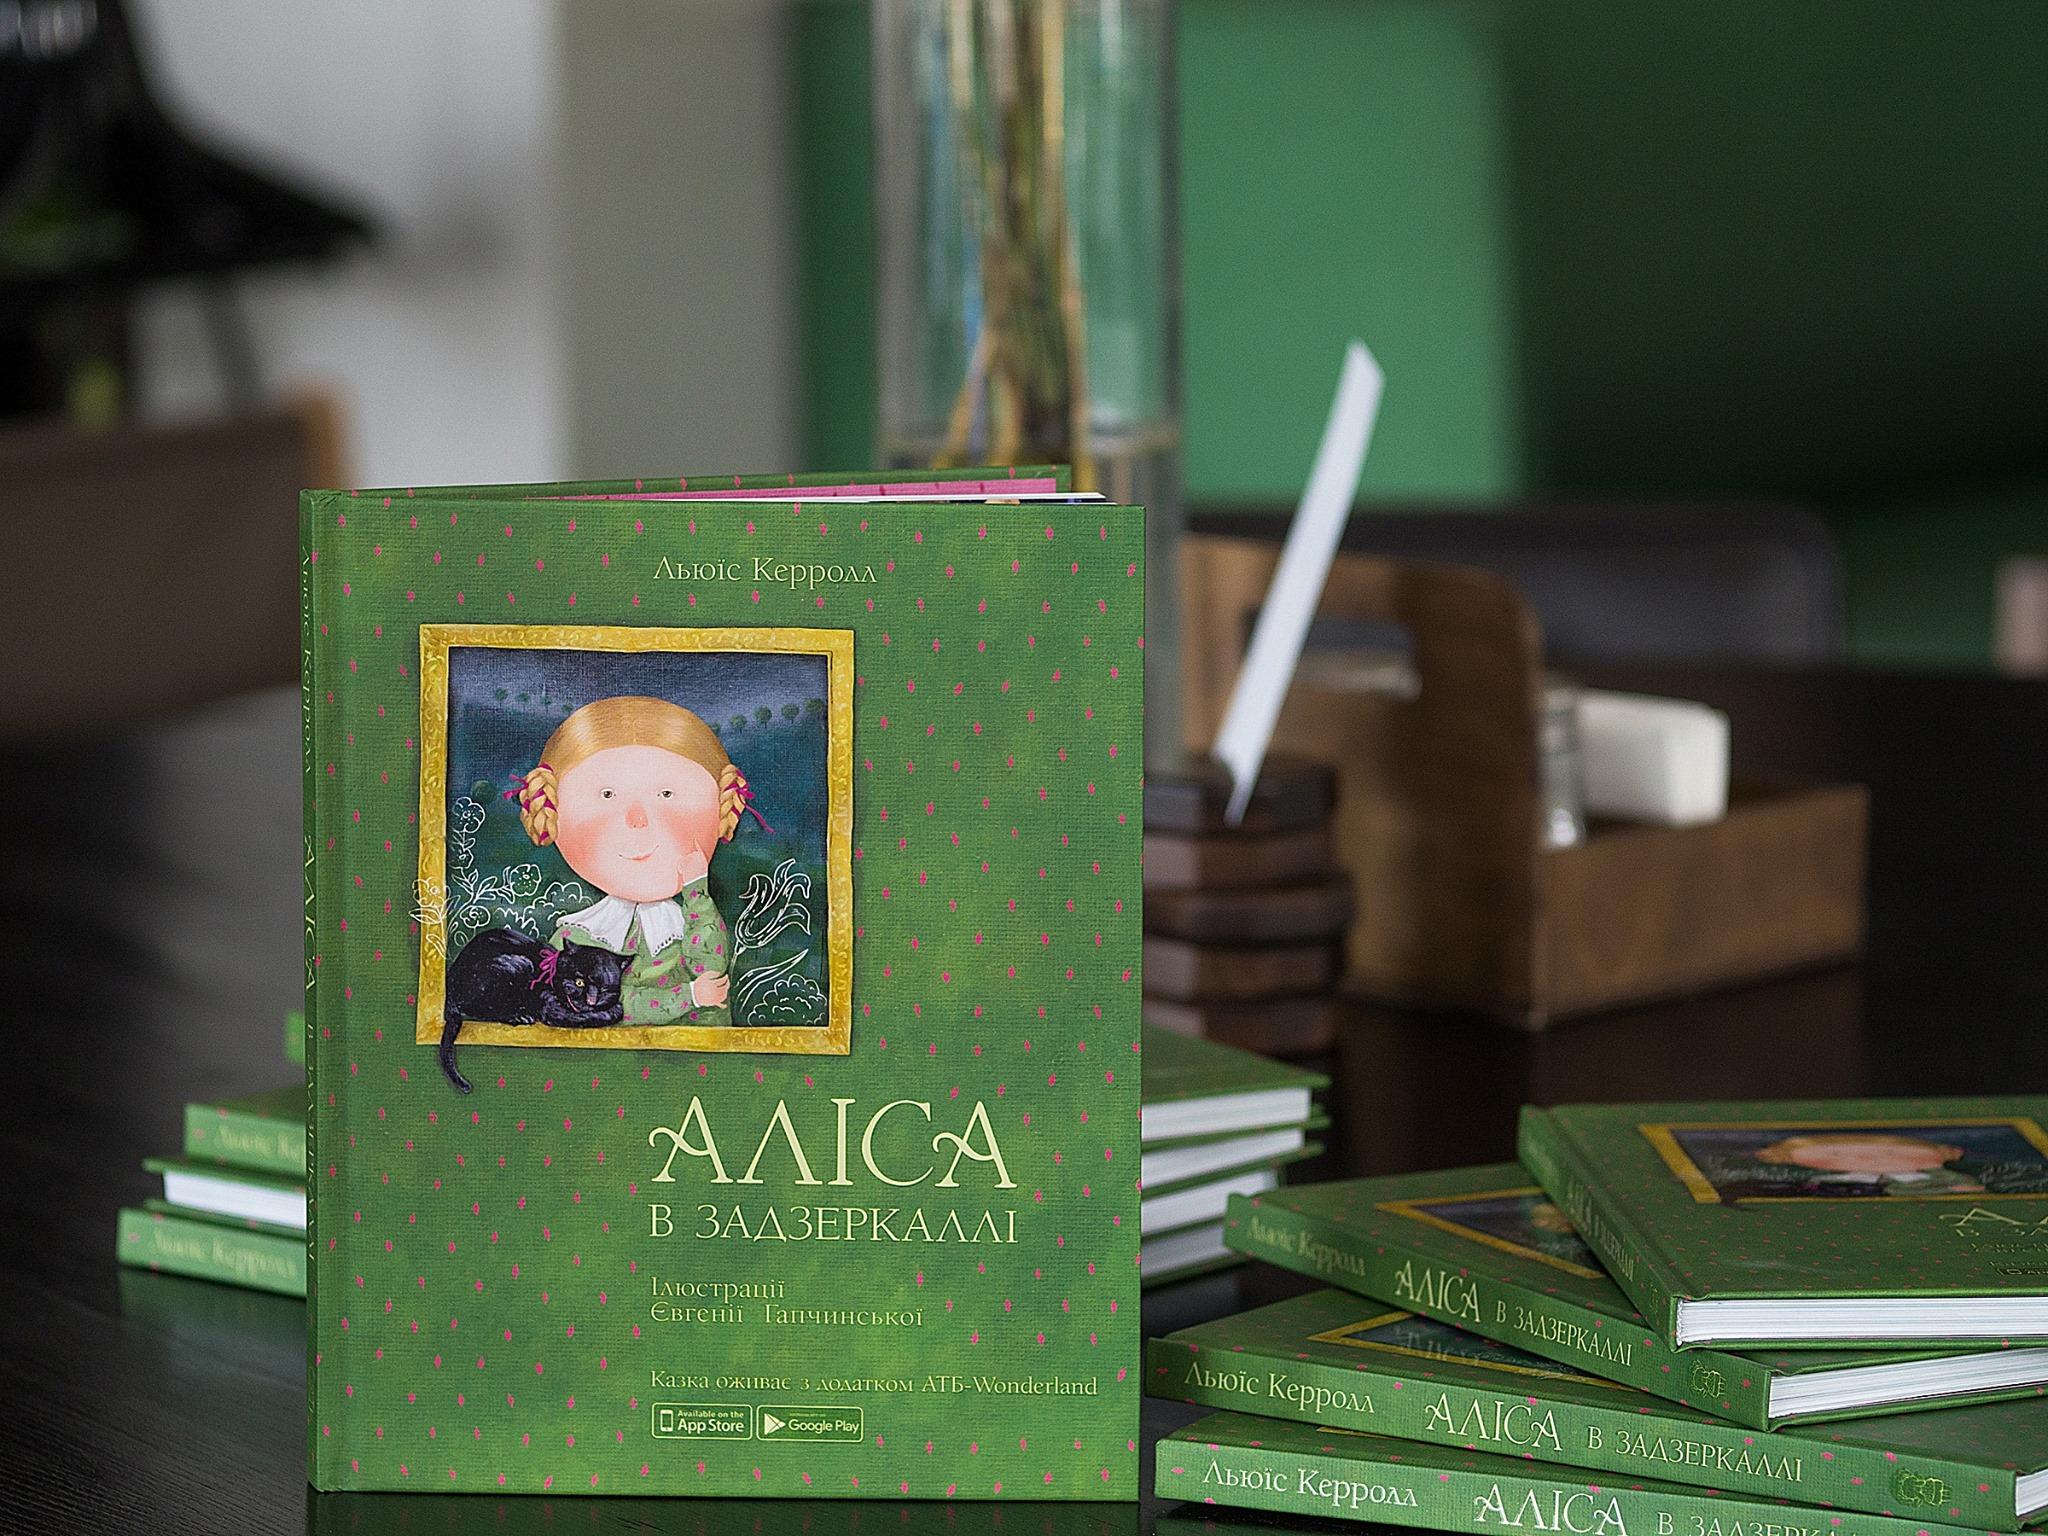 Вышла новая книга с дополненной реальностью «Алиса в Зазеркалье». В прошлый раз 275 тыс. книжек раскупили за 10 дней